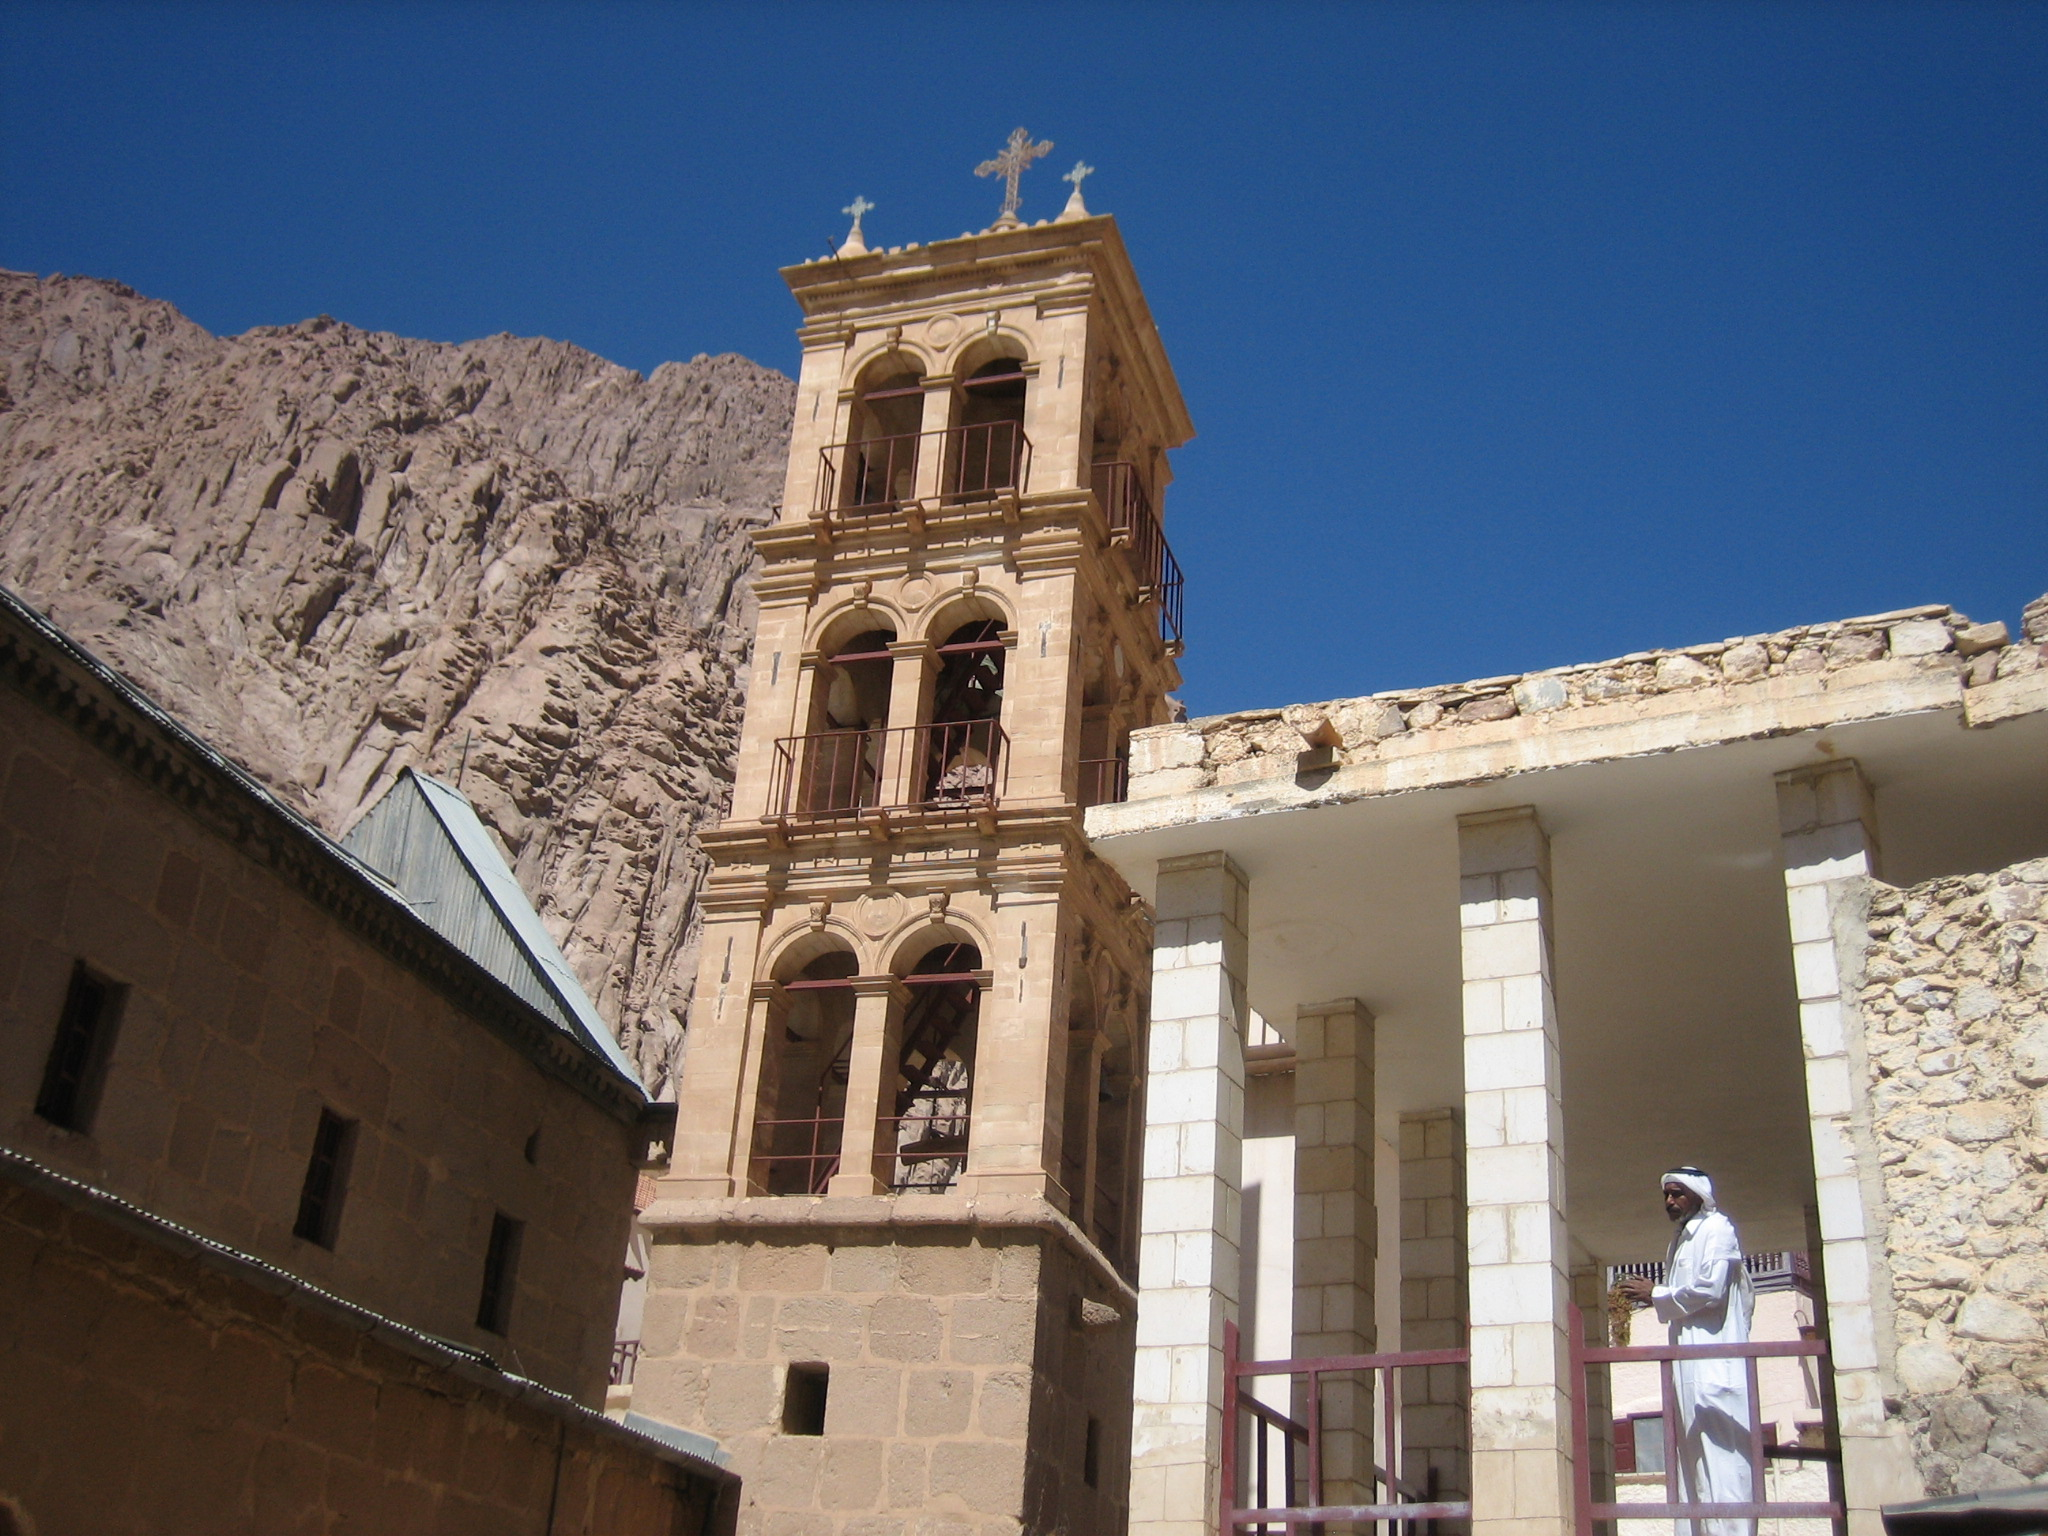 St. Catherine's Monastery